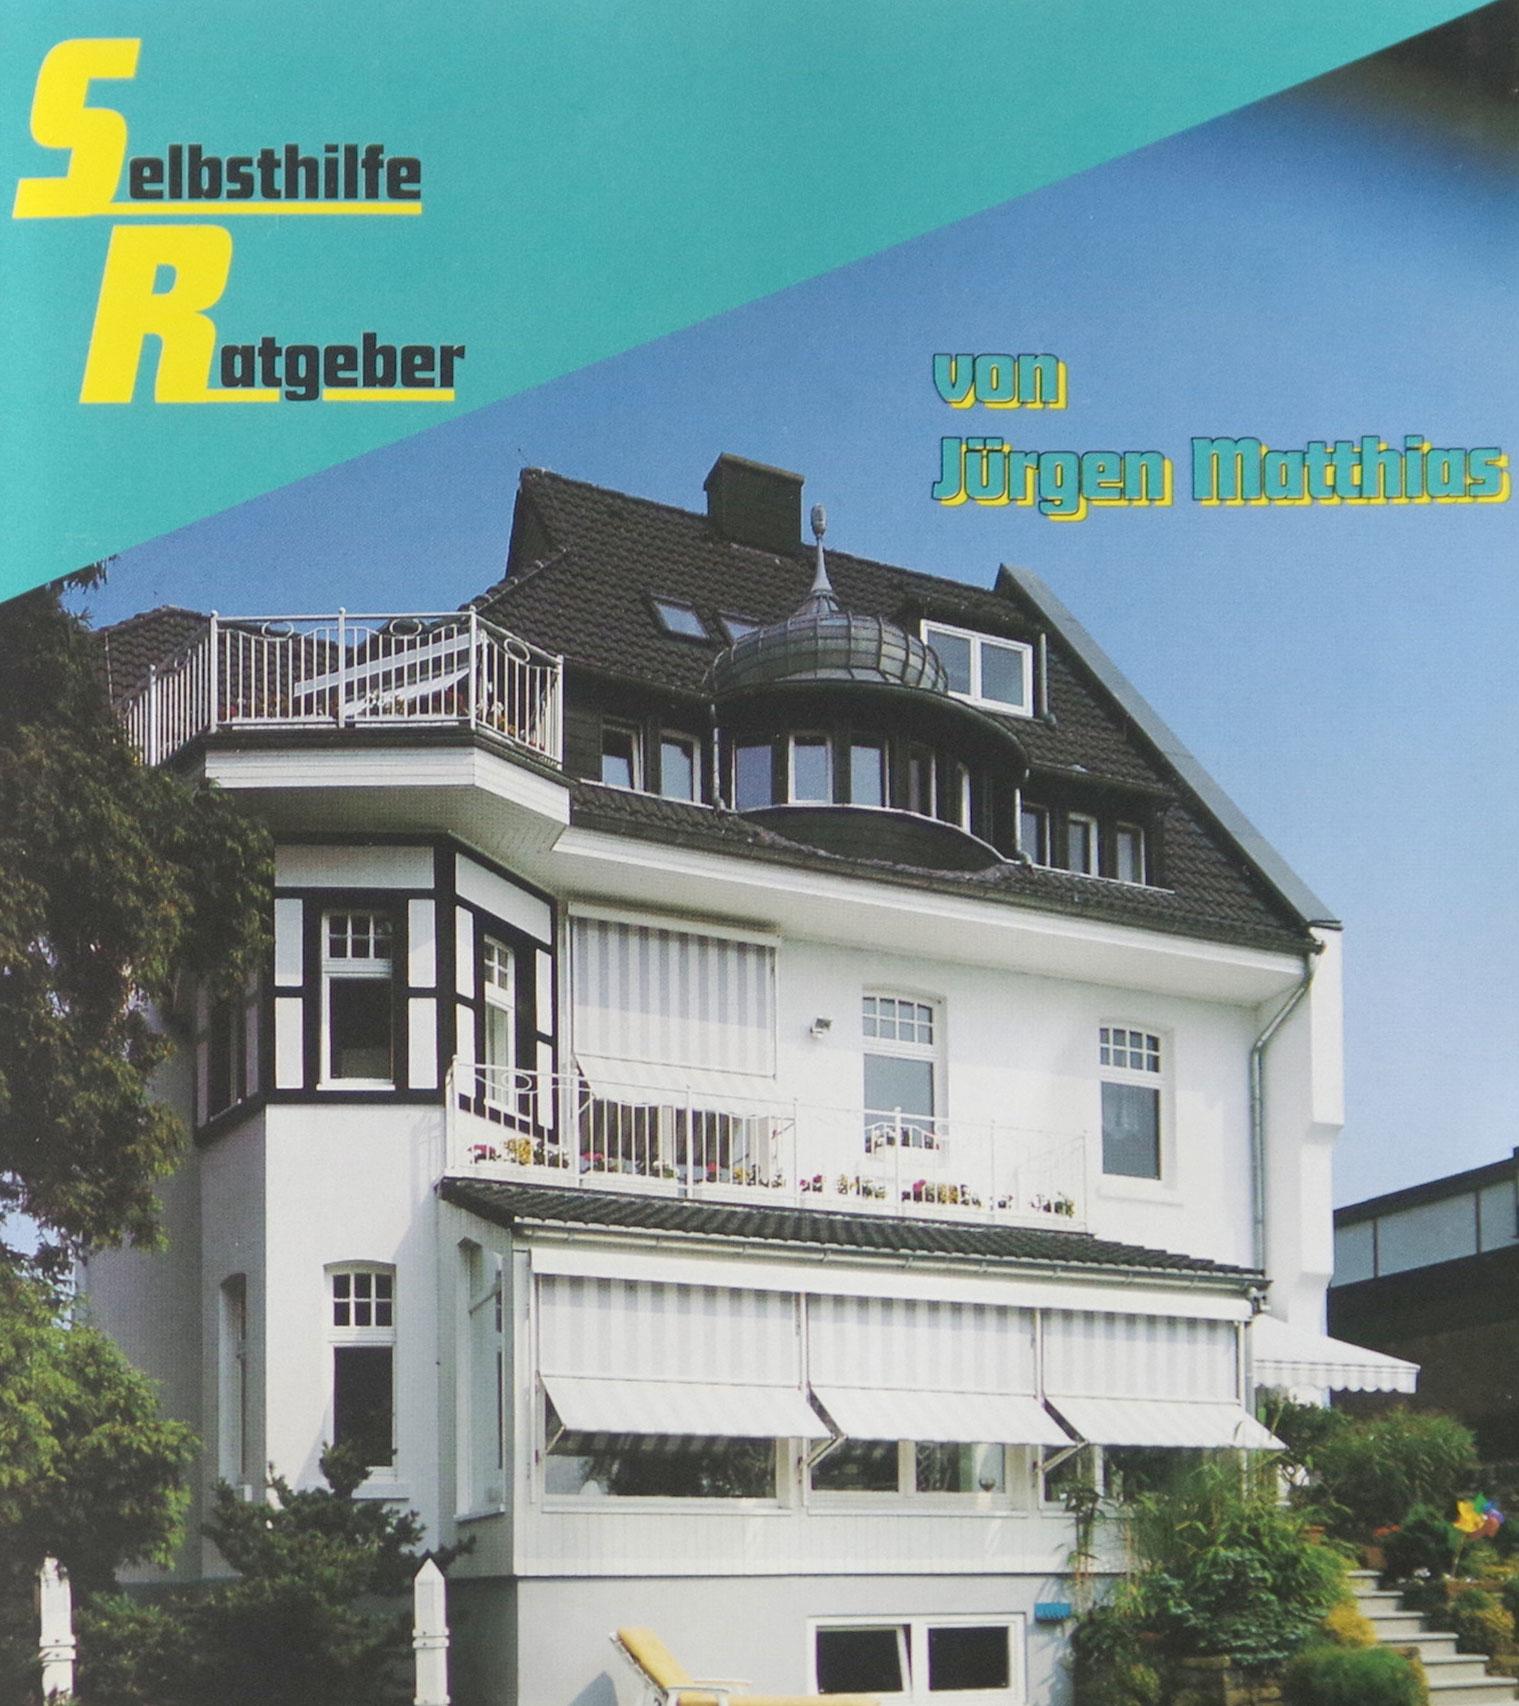 afi-auktionshaus-fuer-immobilien-immobilienmakler-kaufen-verkaufen-auktionen-bergisch-gladbach-immobilienverkauf-immobilienauktionen-hausverkauf-ratgeber